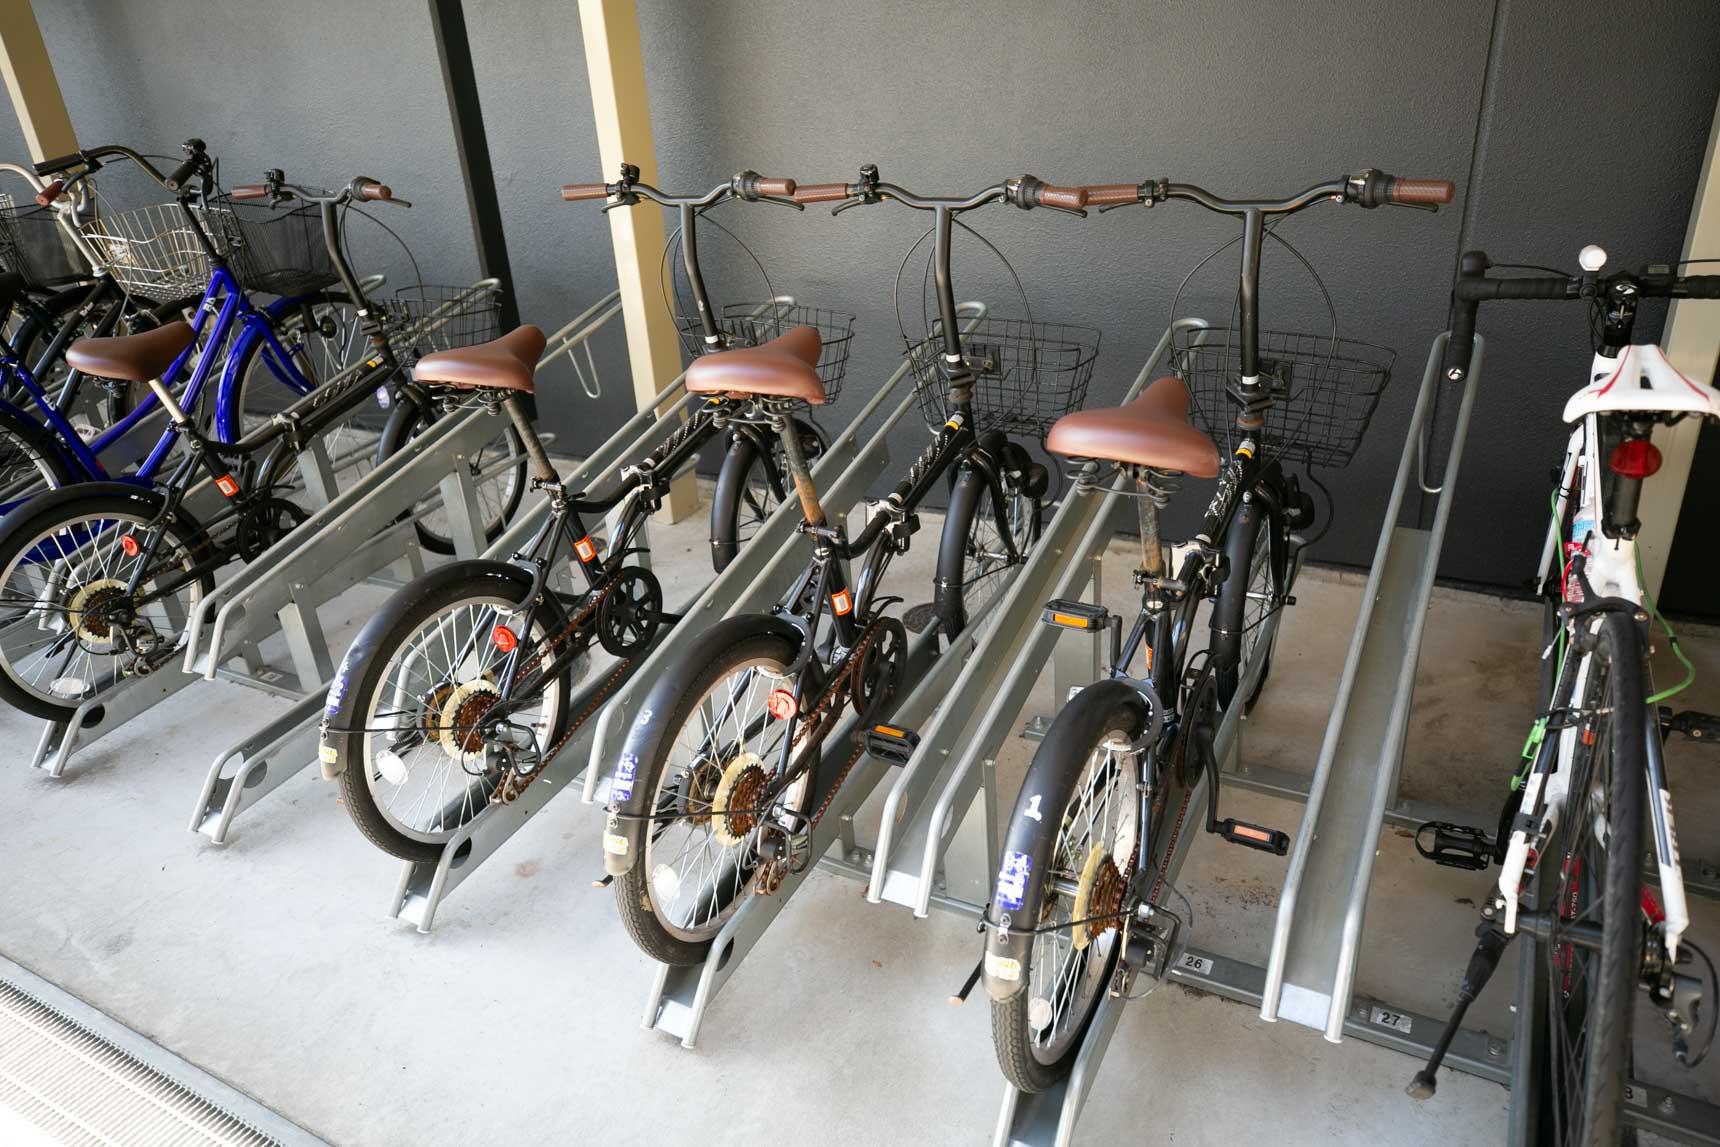 シェアサイクルも複数台設けられているので、サイクリングもいいですねぇ